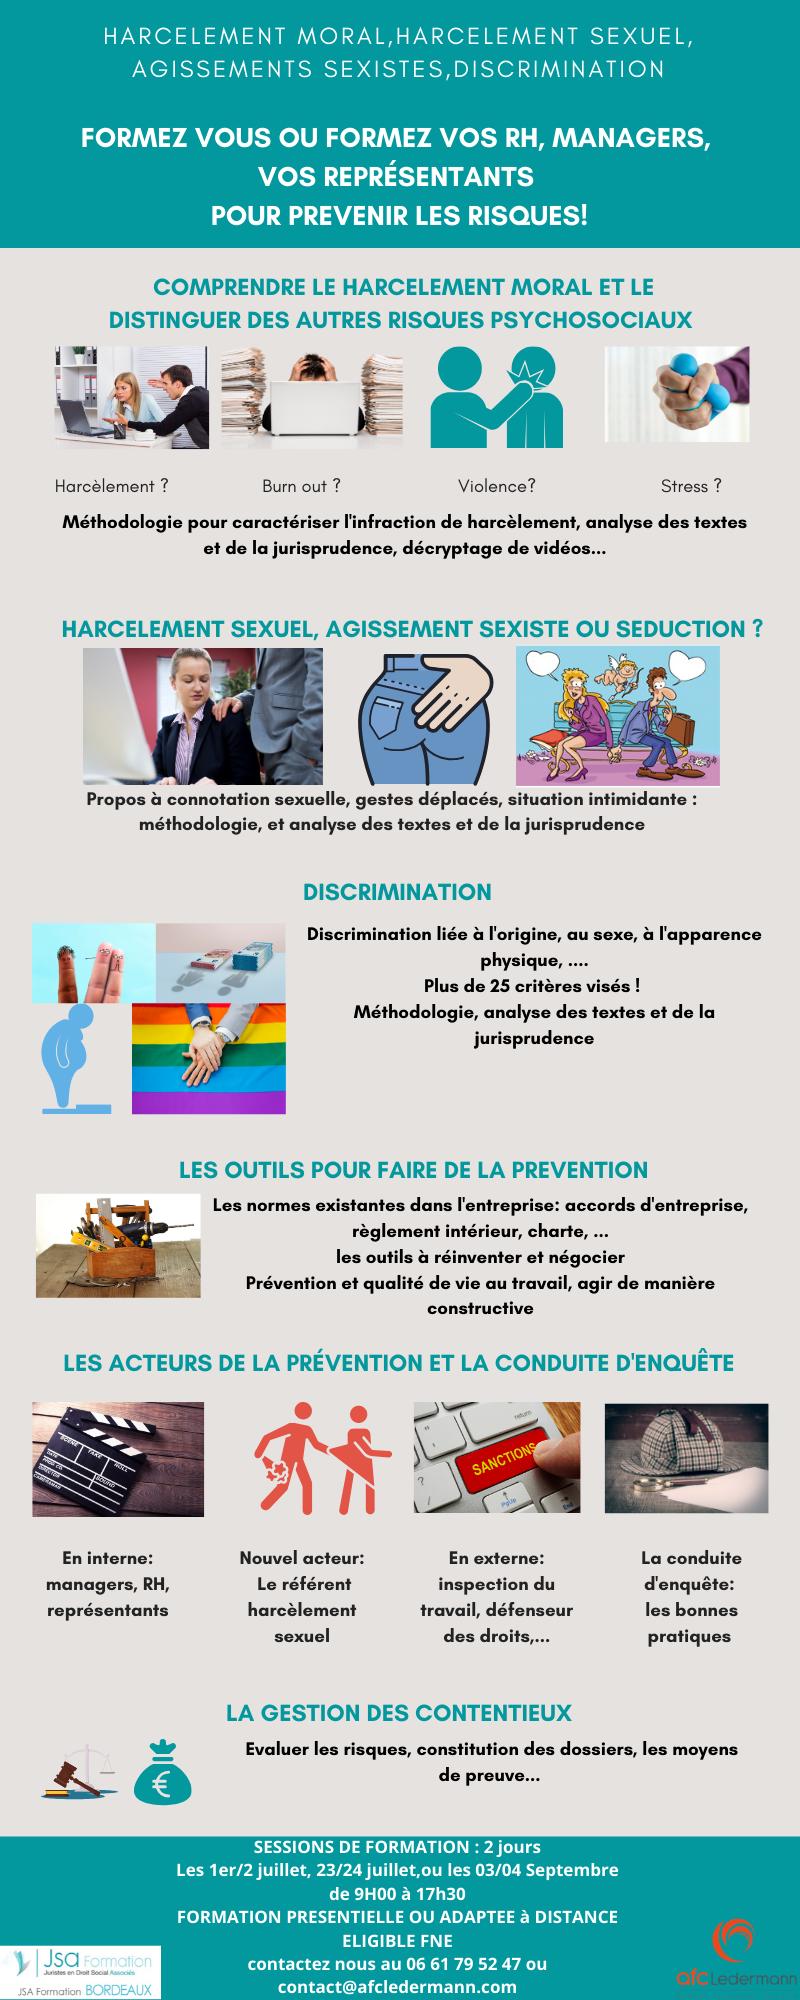 Formation HARCÈLEMENT MORAL HARCÈLEMENT SEXUEL AGISSEMENTS SEXISTES ET DISCRIMINATION